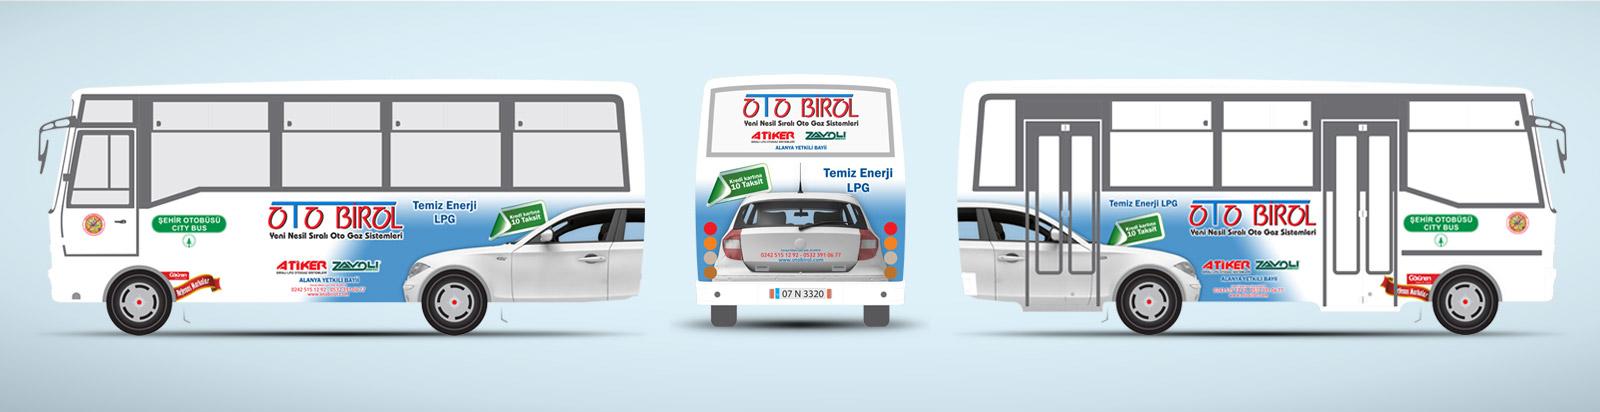 LPG Otogaz Sistemleri Tanıtımı - Halk Otobüsü Reklamı